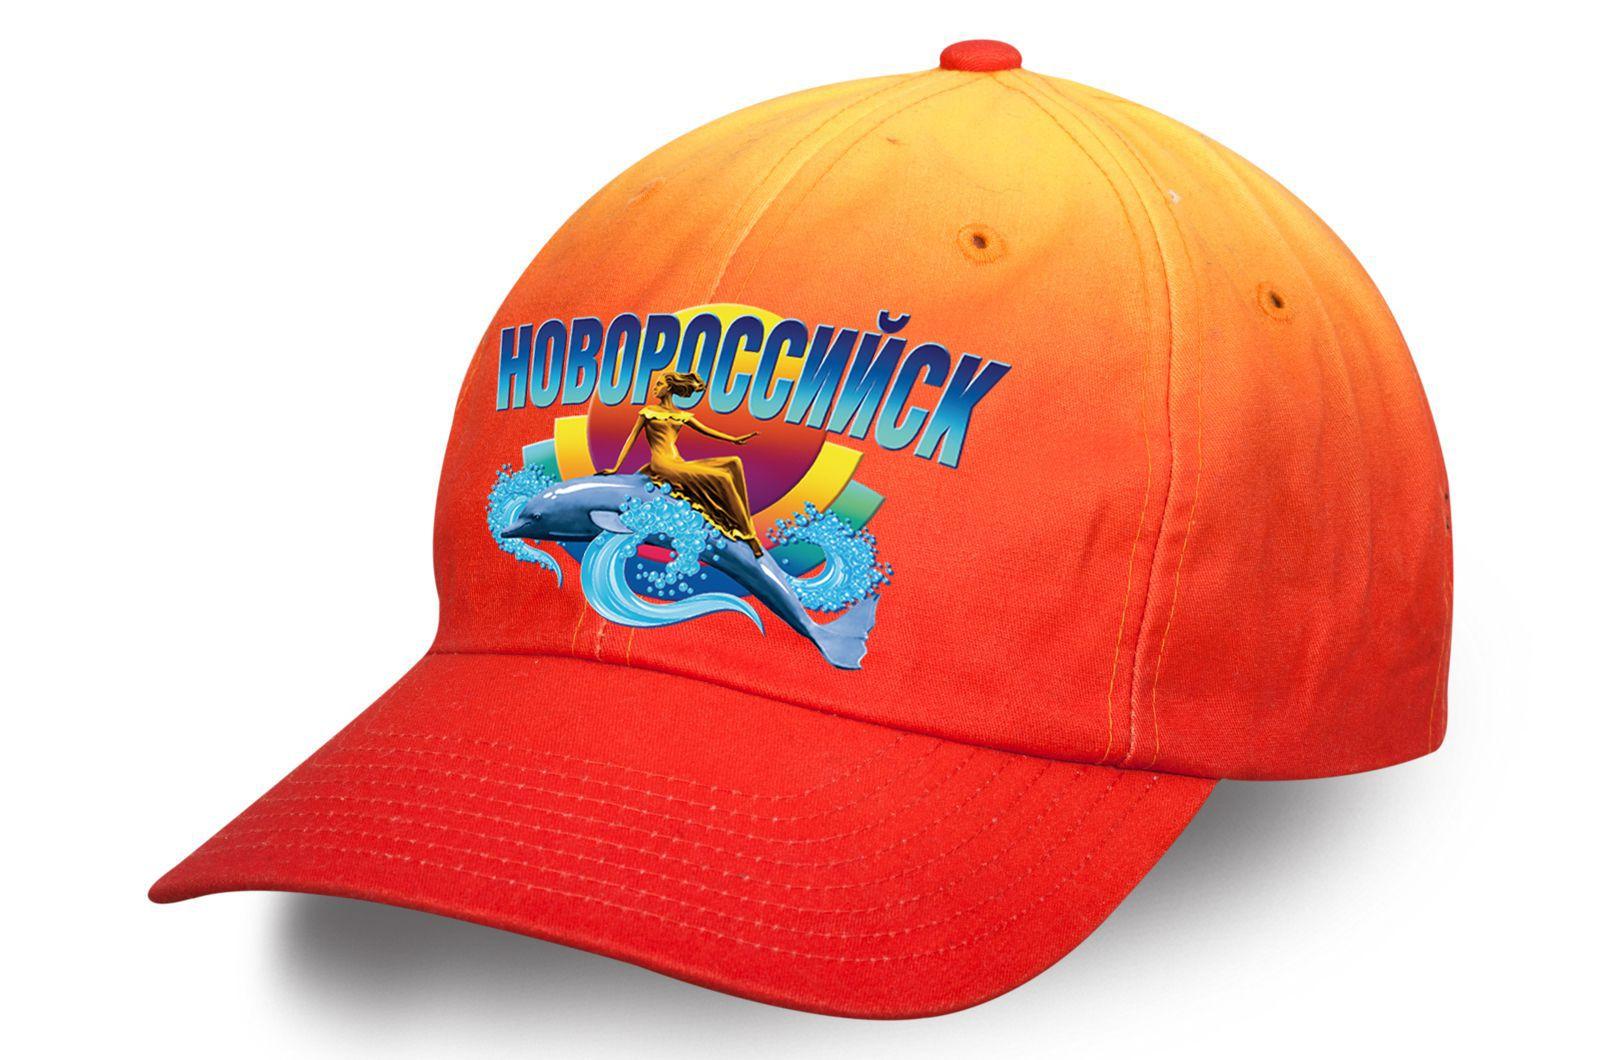 Эксклюзивная кепка для пляжного отдыха в Новороссийске - купить по выгодной цене